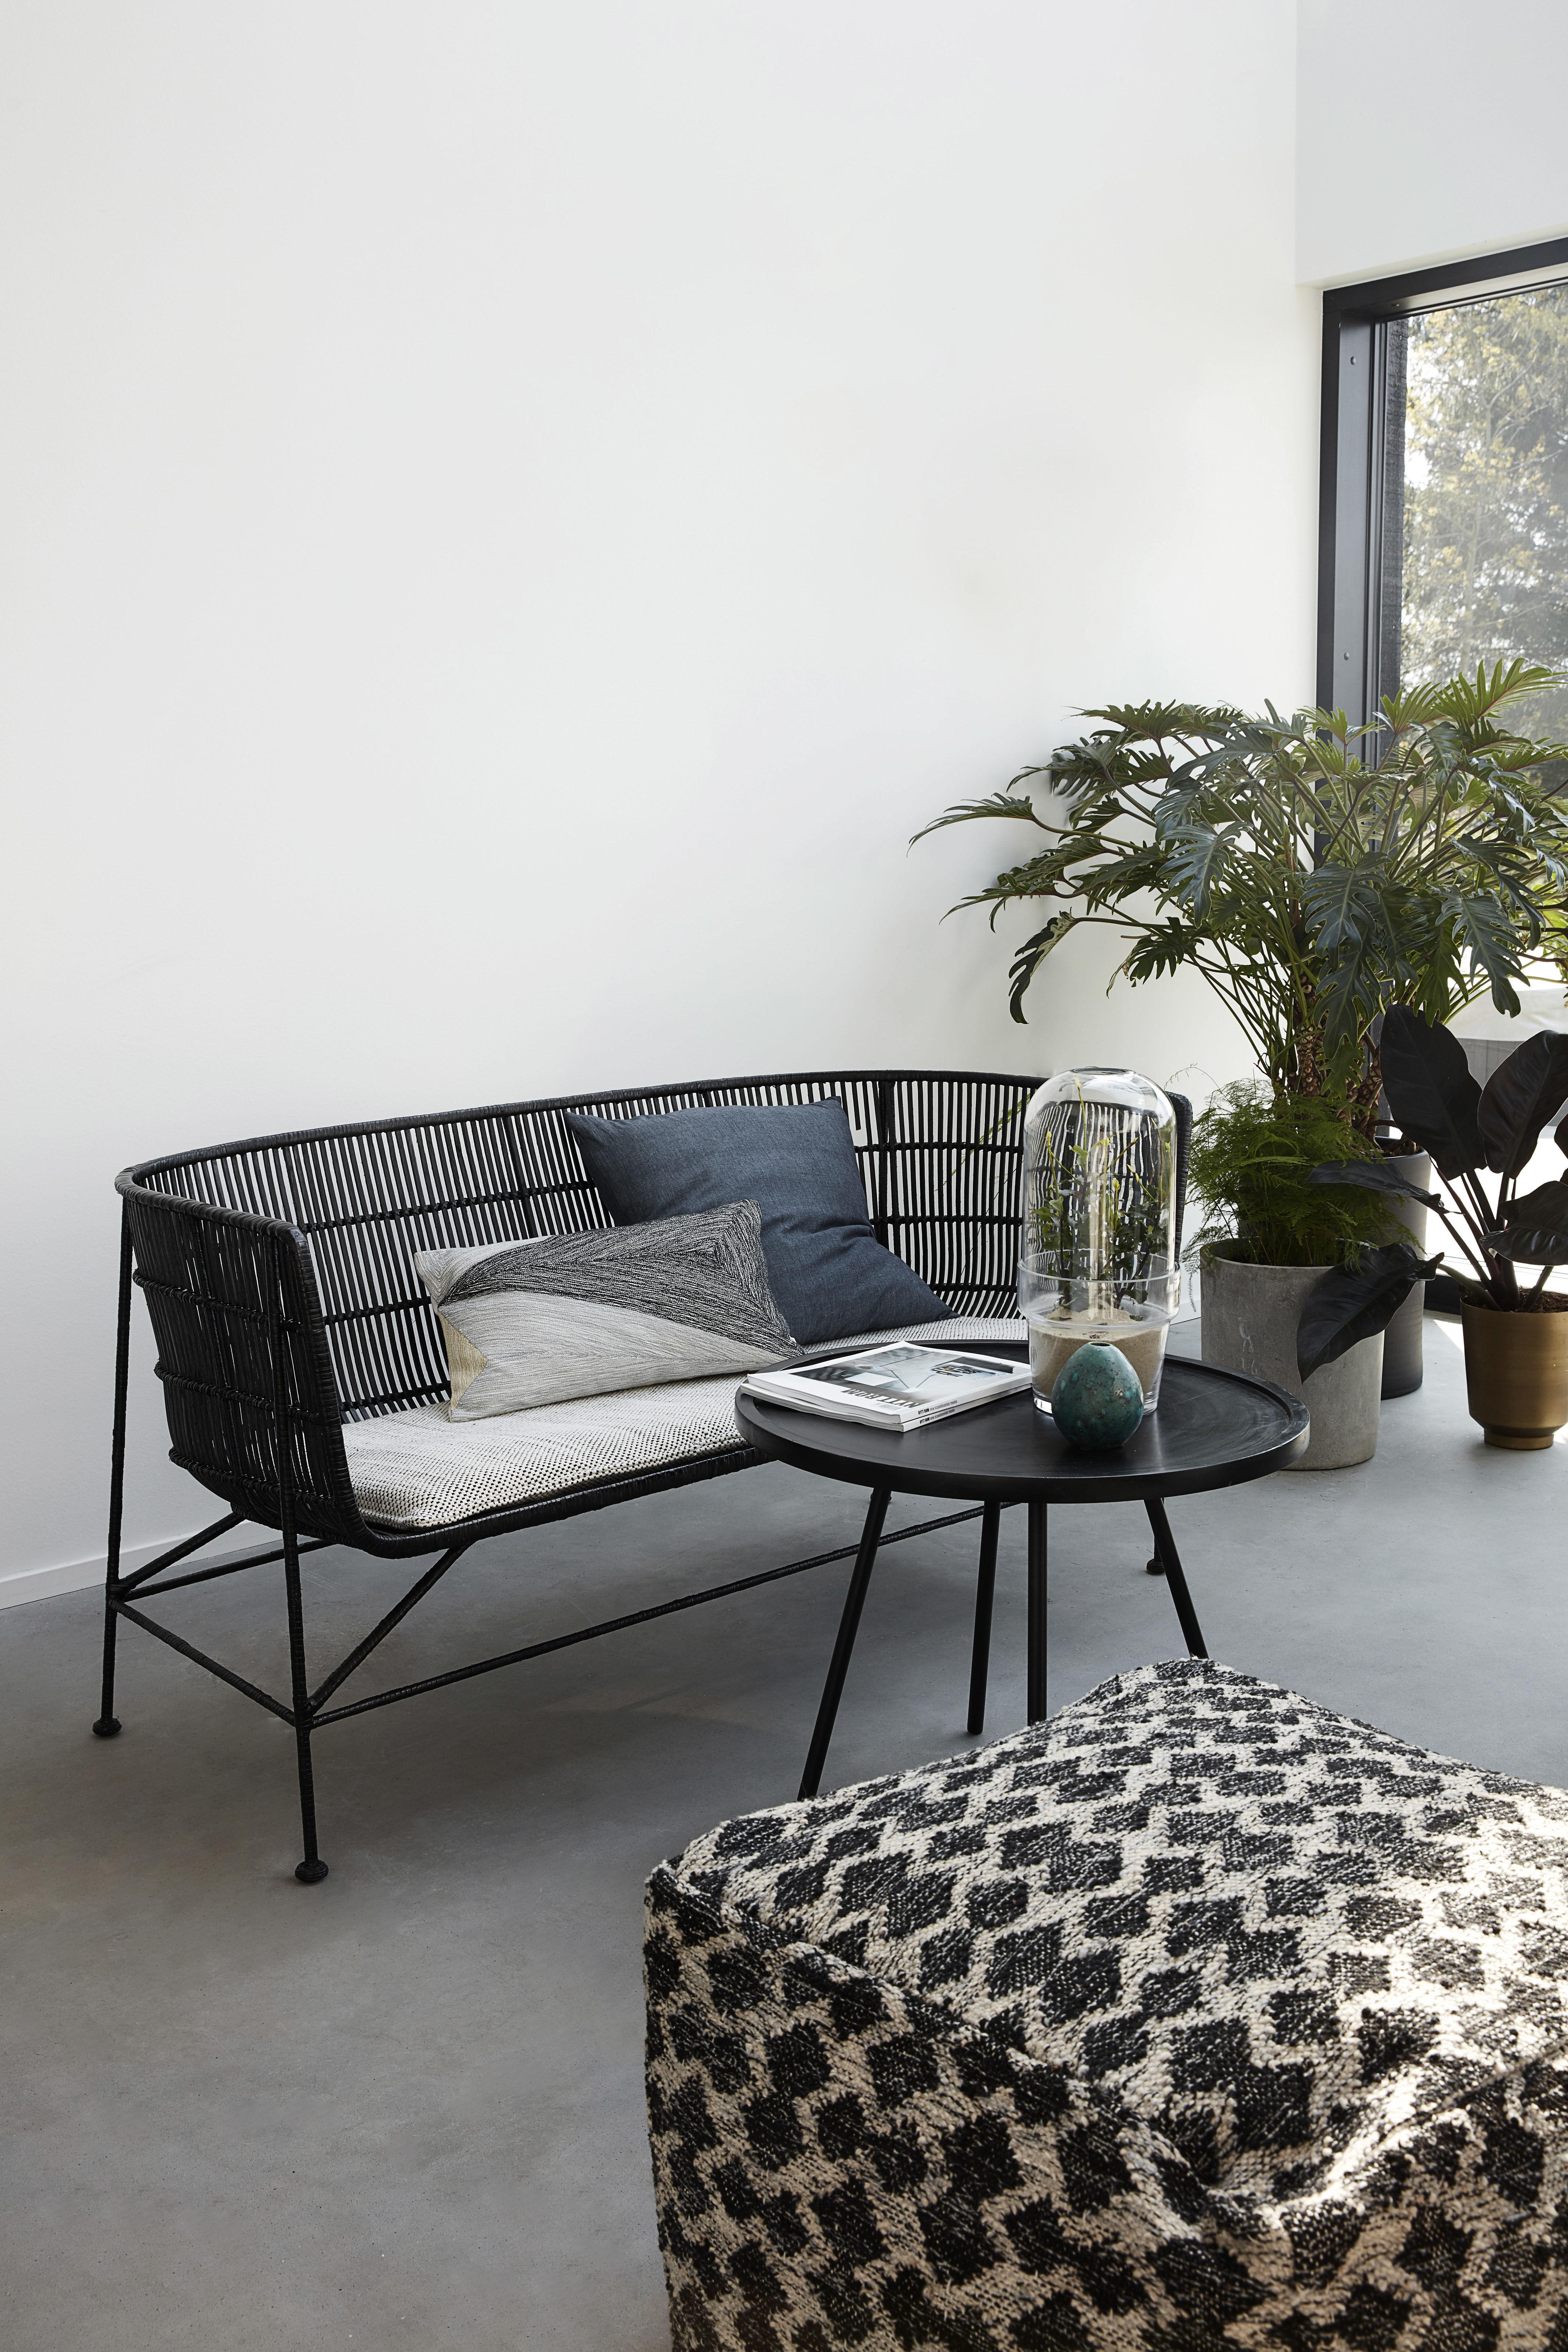 coussin d 39 assise pour banquette cuun coussin blanc. Black Bedroom Furniture Sets. Home Design Ideas